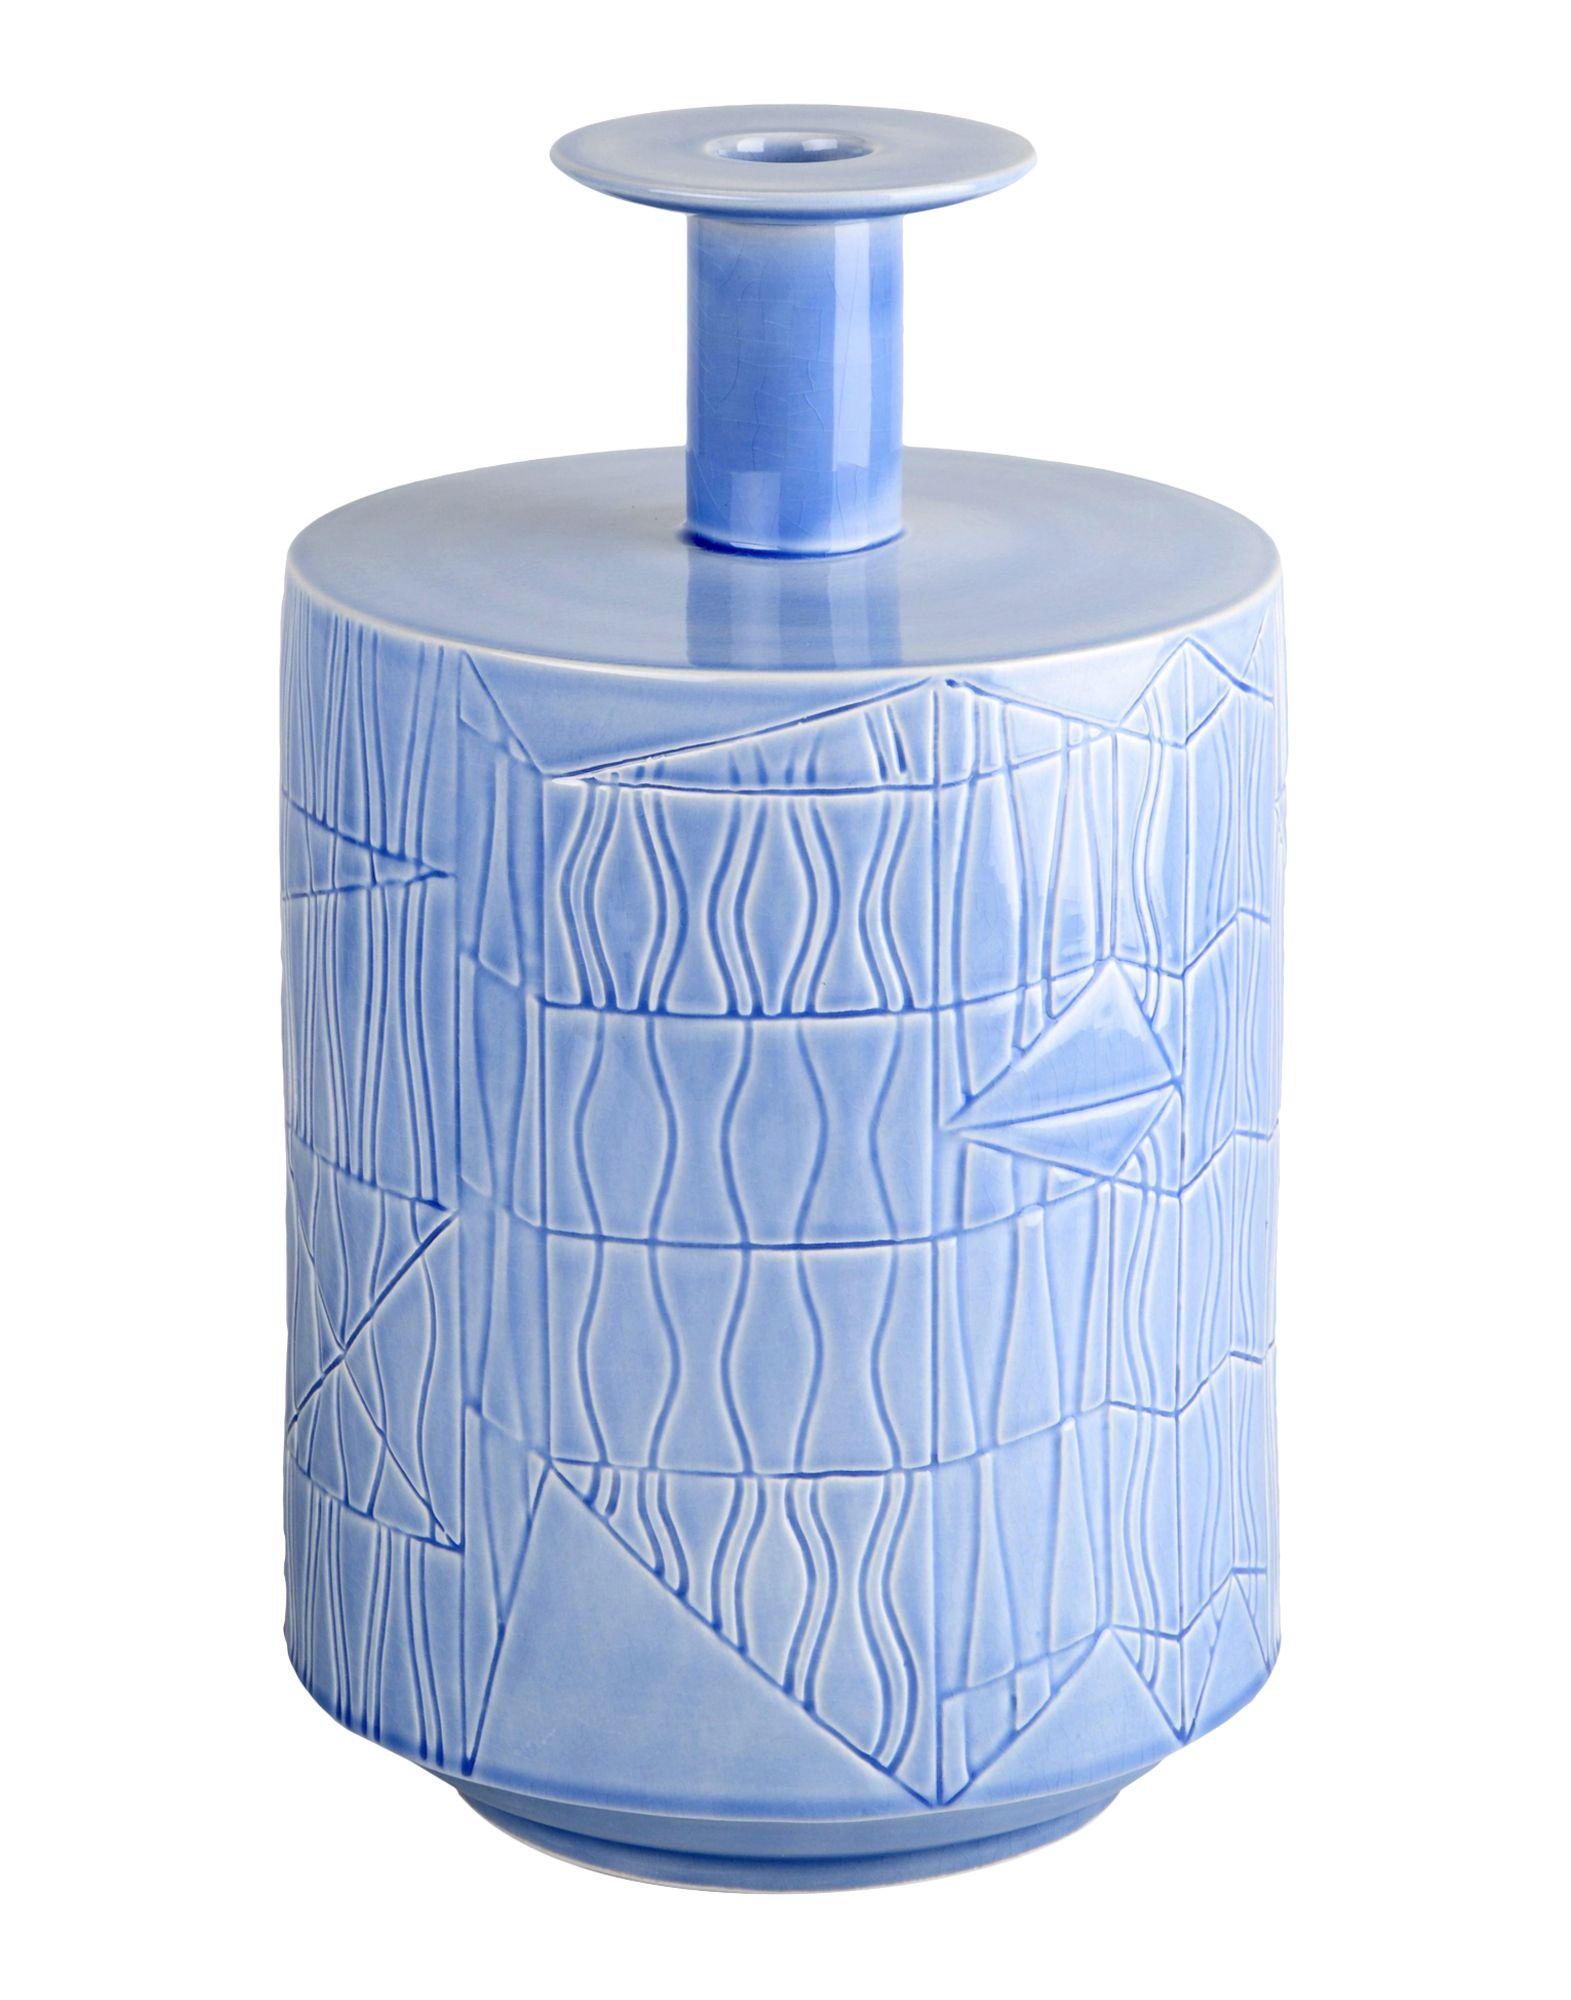 Bitossi ceramiche online switzerland for Bitossi shop on line